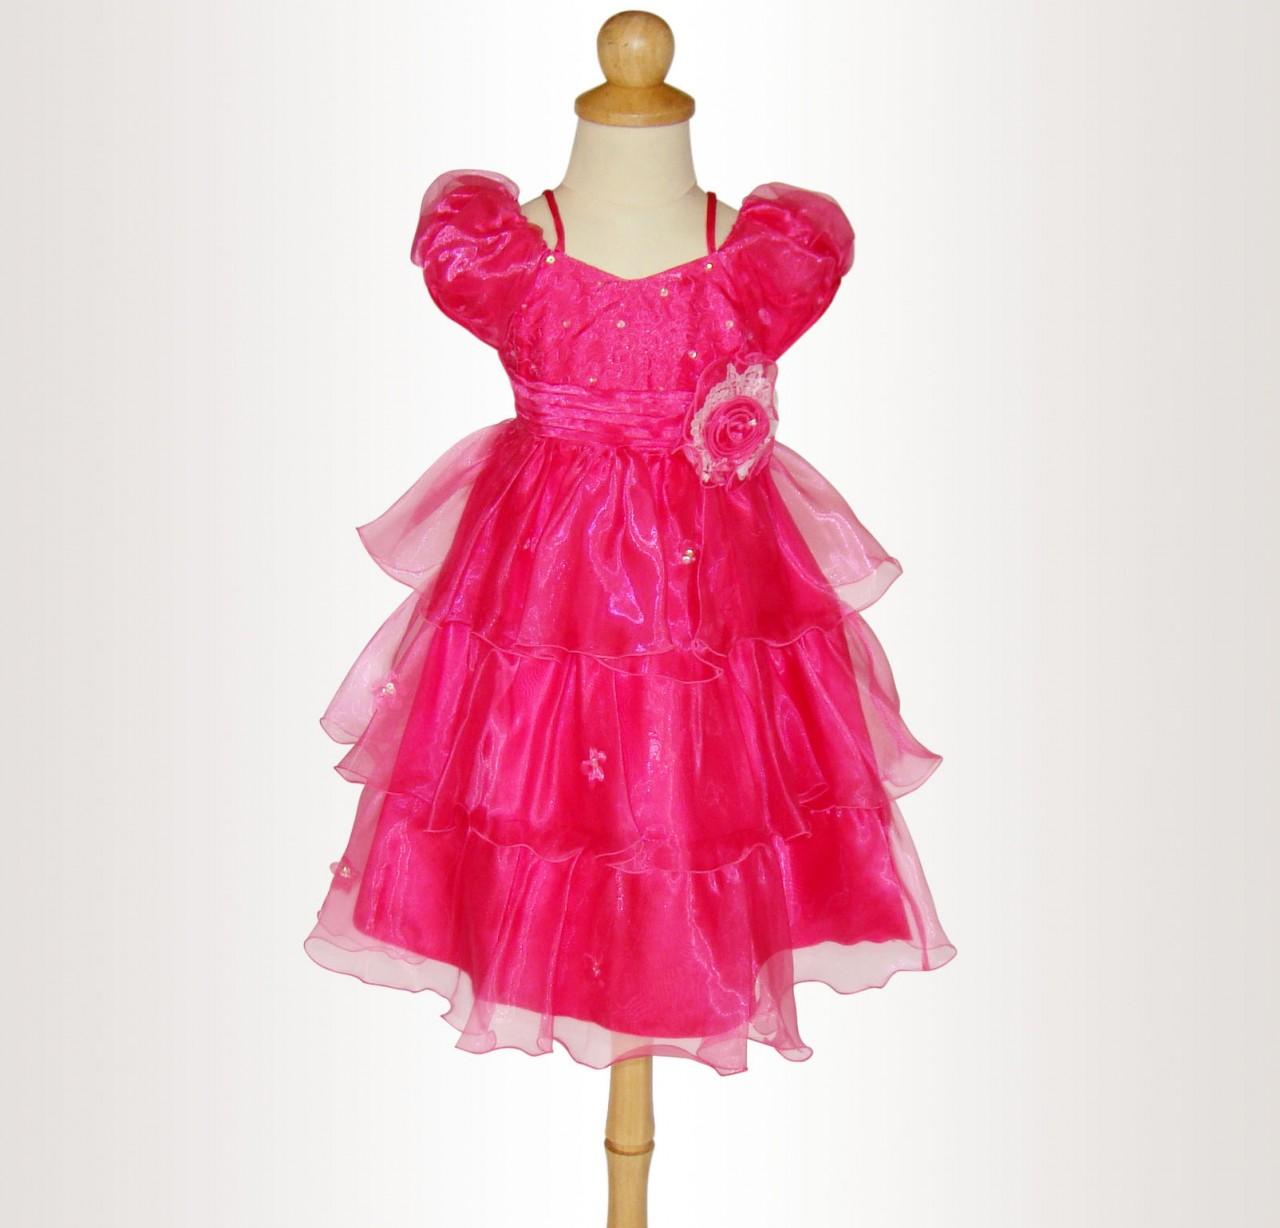 Vacker näbbklänning - Sandras Festkläder - Sandra Enterprise - Stockholm bc8d5a535821b